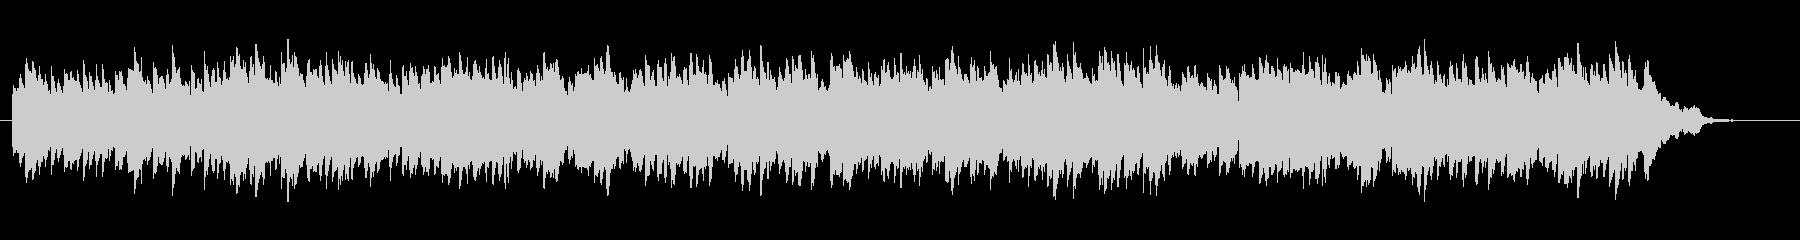 60秒動画広告、宣伝映像、感動的なピアノの未再生の波形